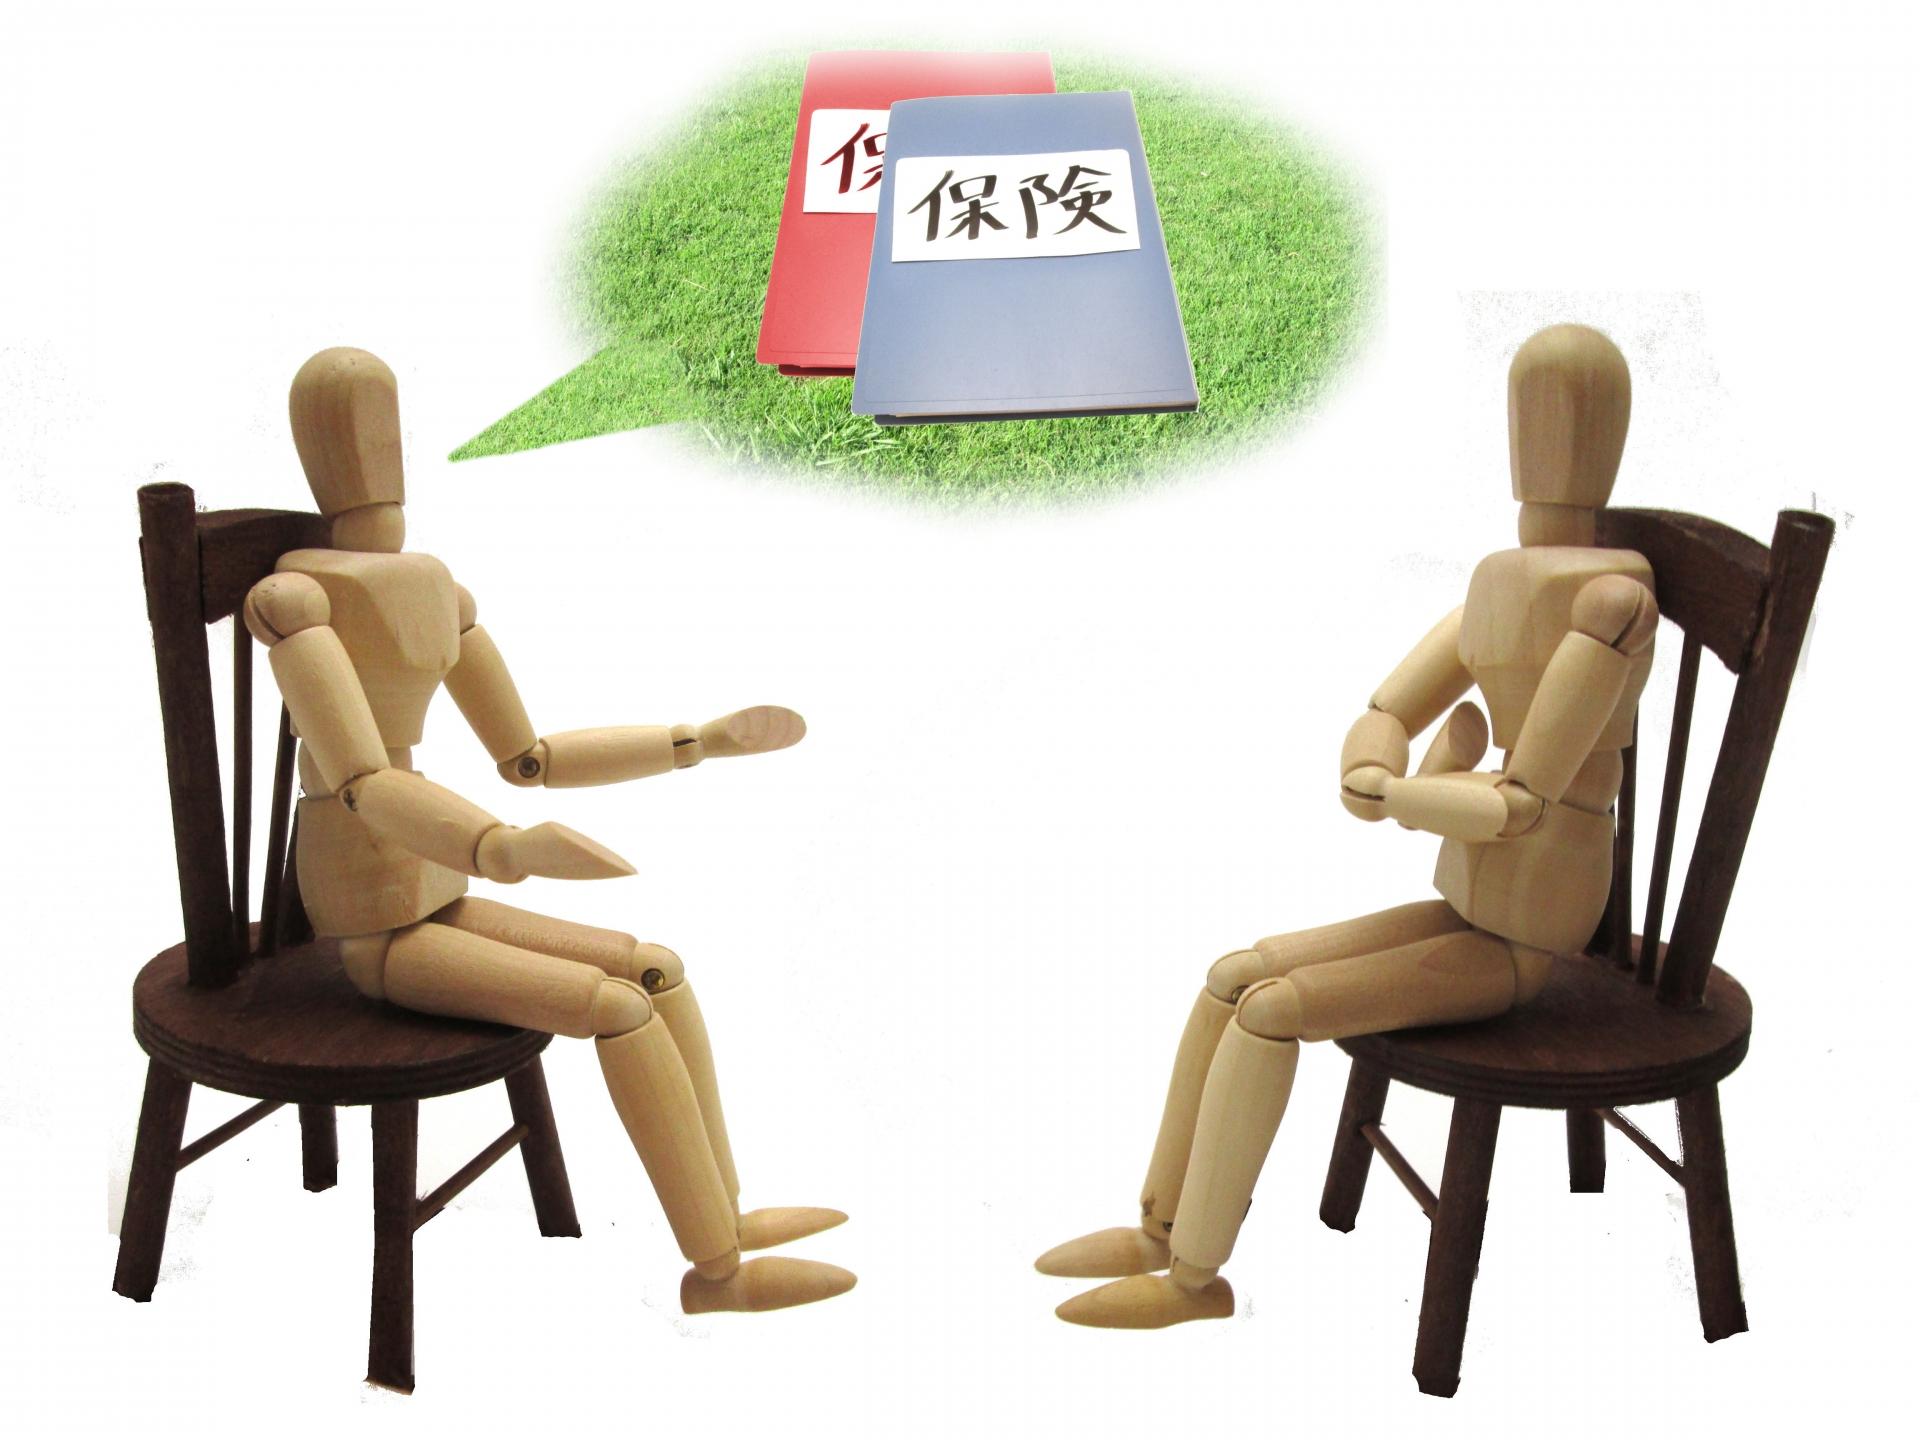 既存住宅売買かし保険は加入すべき? 保証内容と検査基準